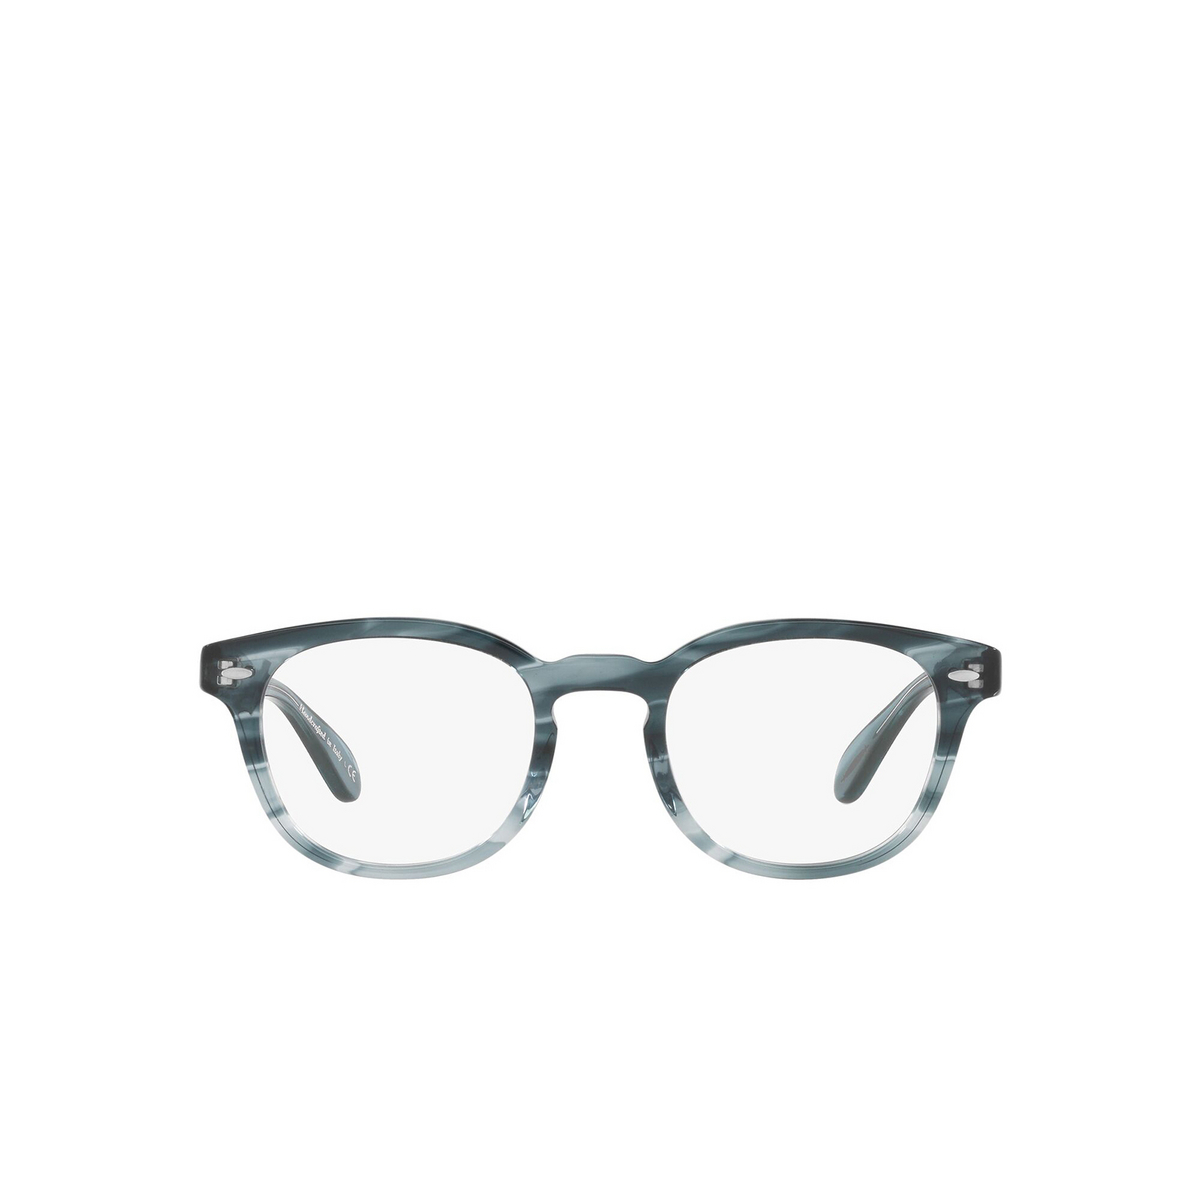 Oliver Peoples® Square Eyeglasses: Sheldrake OV5036 color Washed Lapis 1704 - front view.